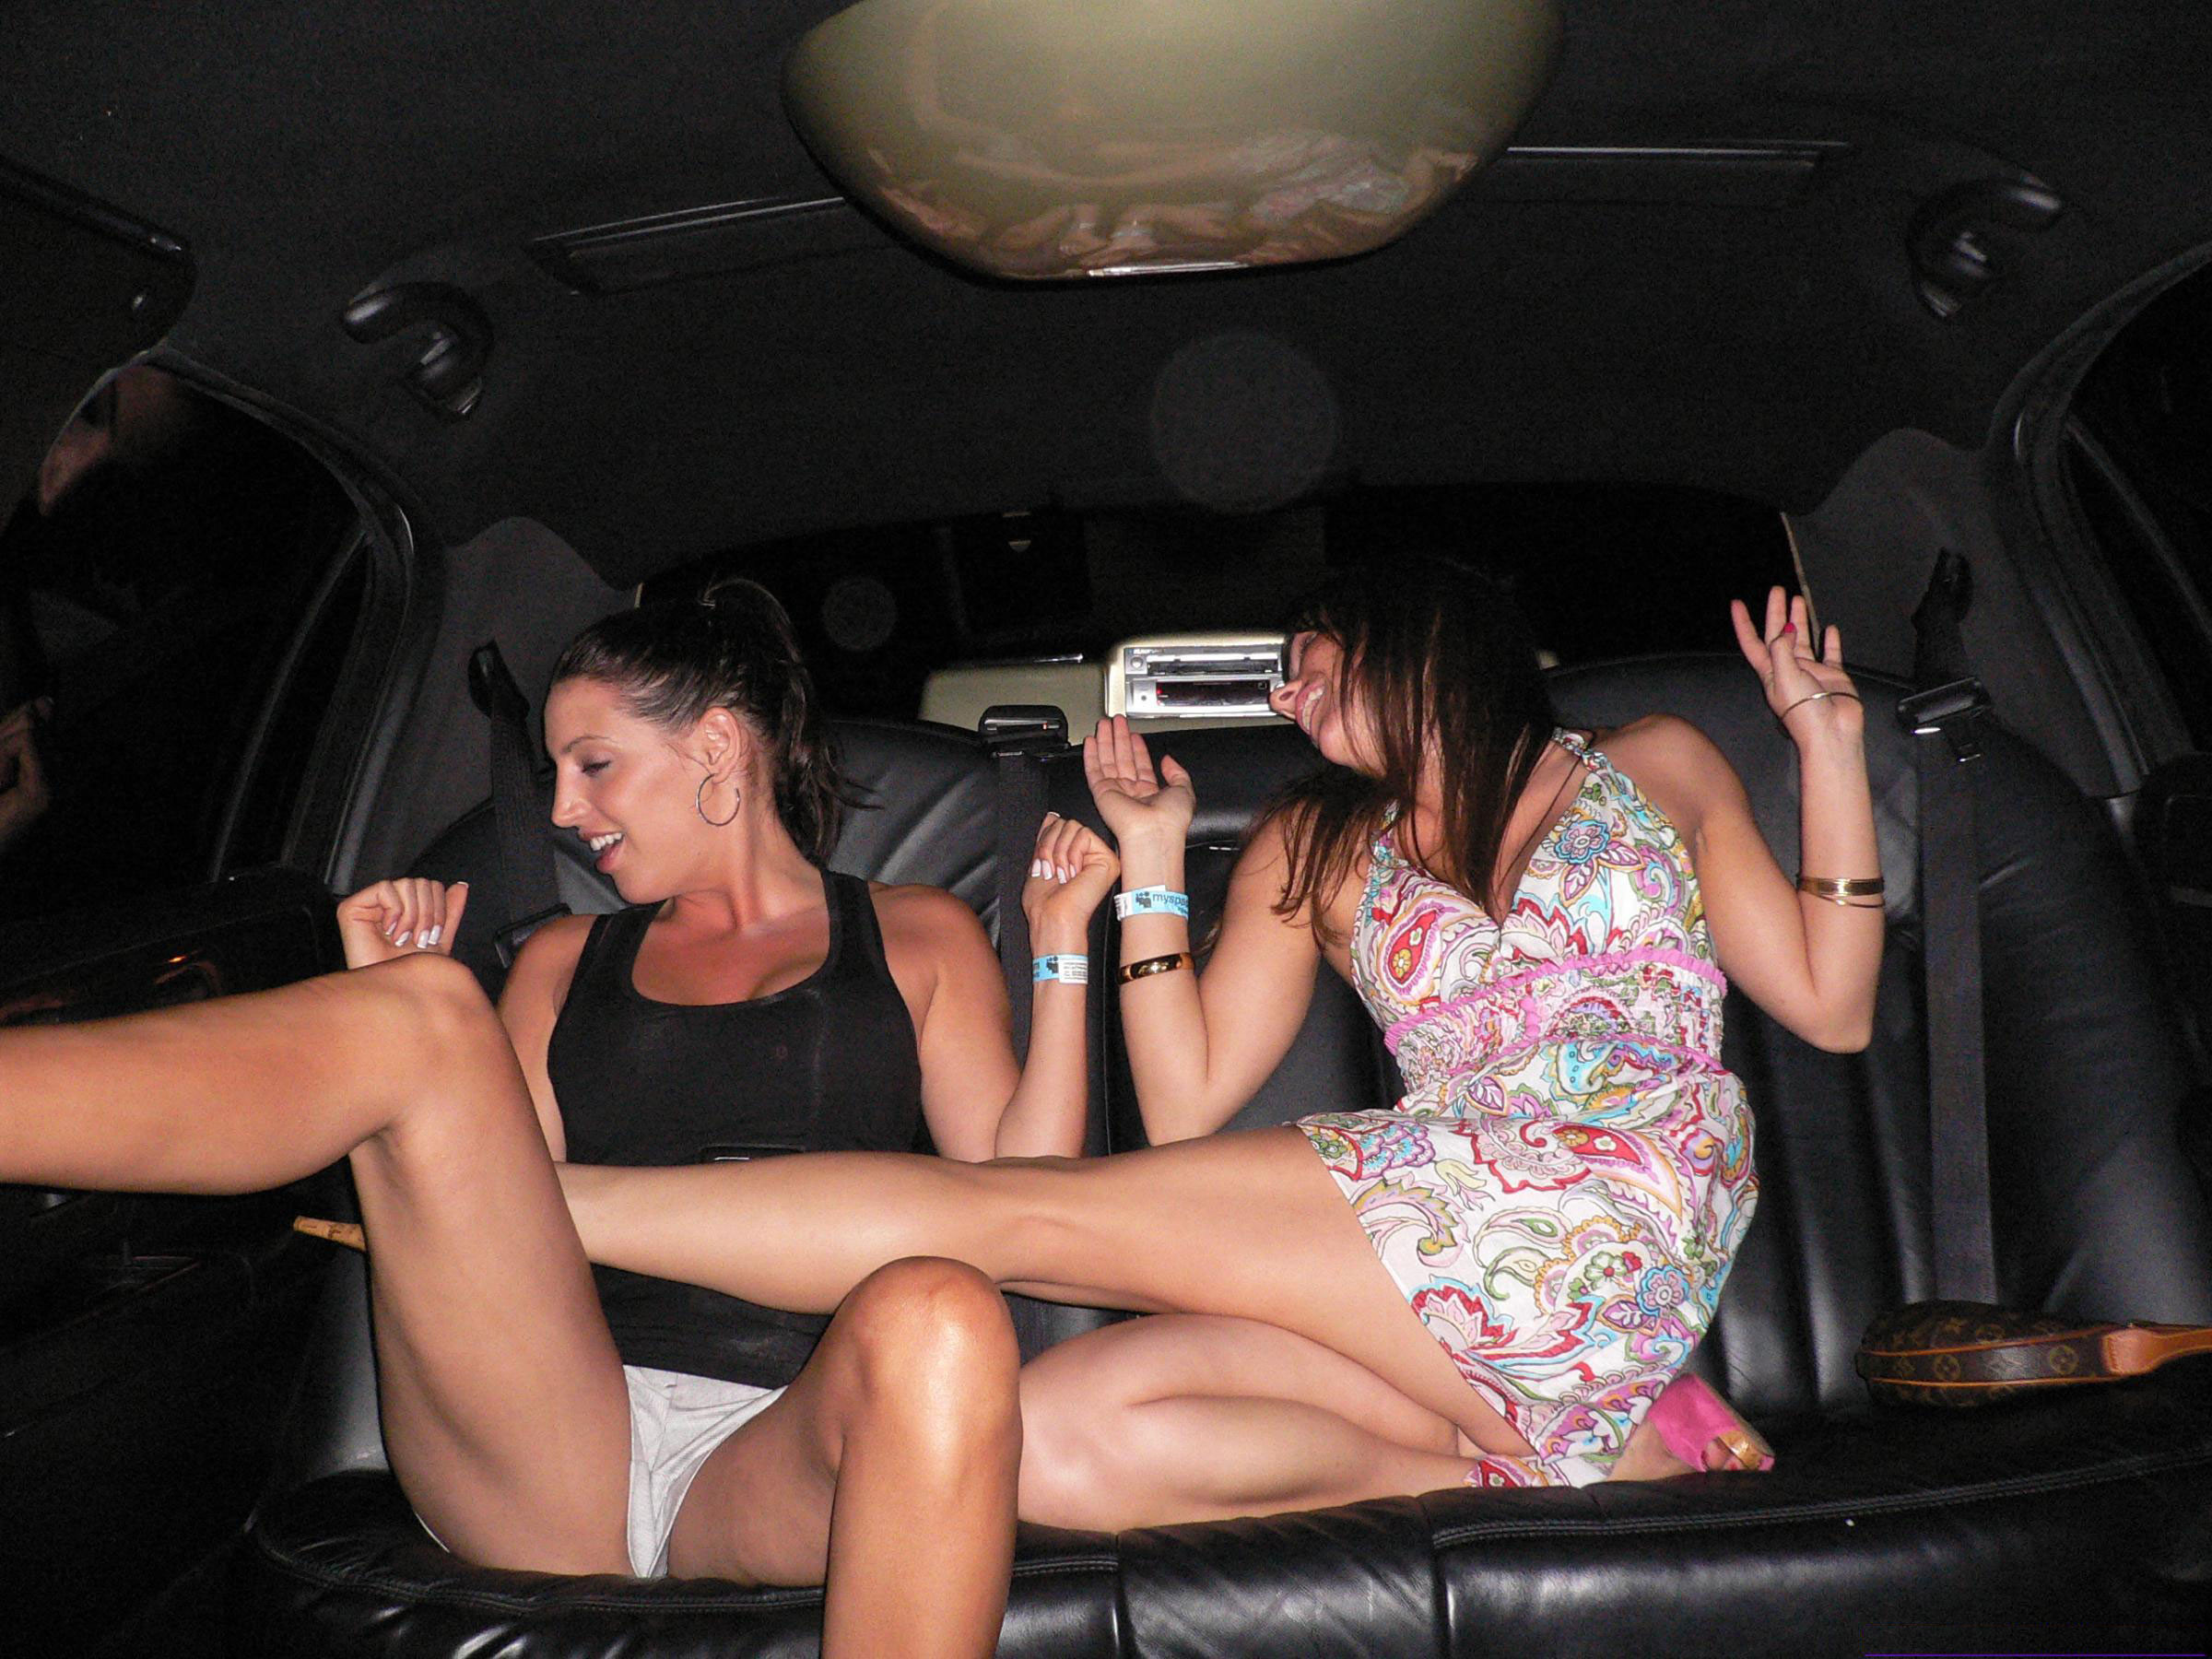 リムジン女子会で酒に飲まれた女たちの末路がヤバイwwwwwww(画像26枚)・14枚目